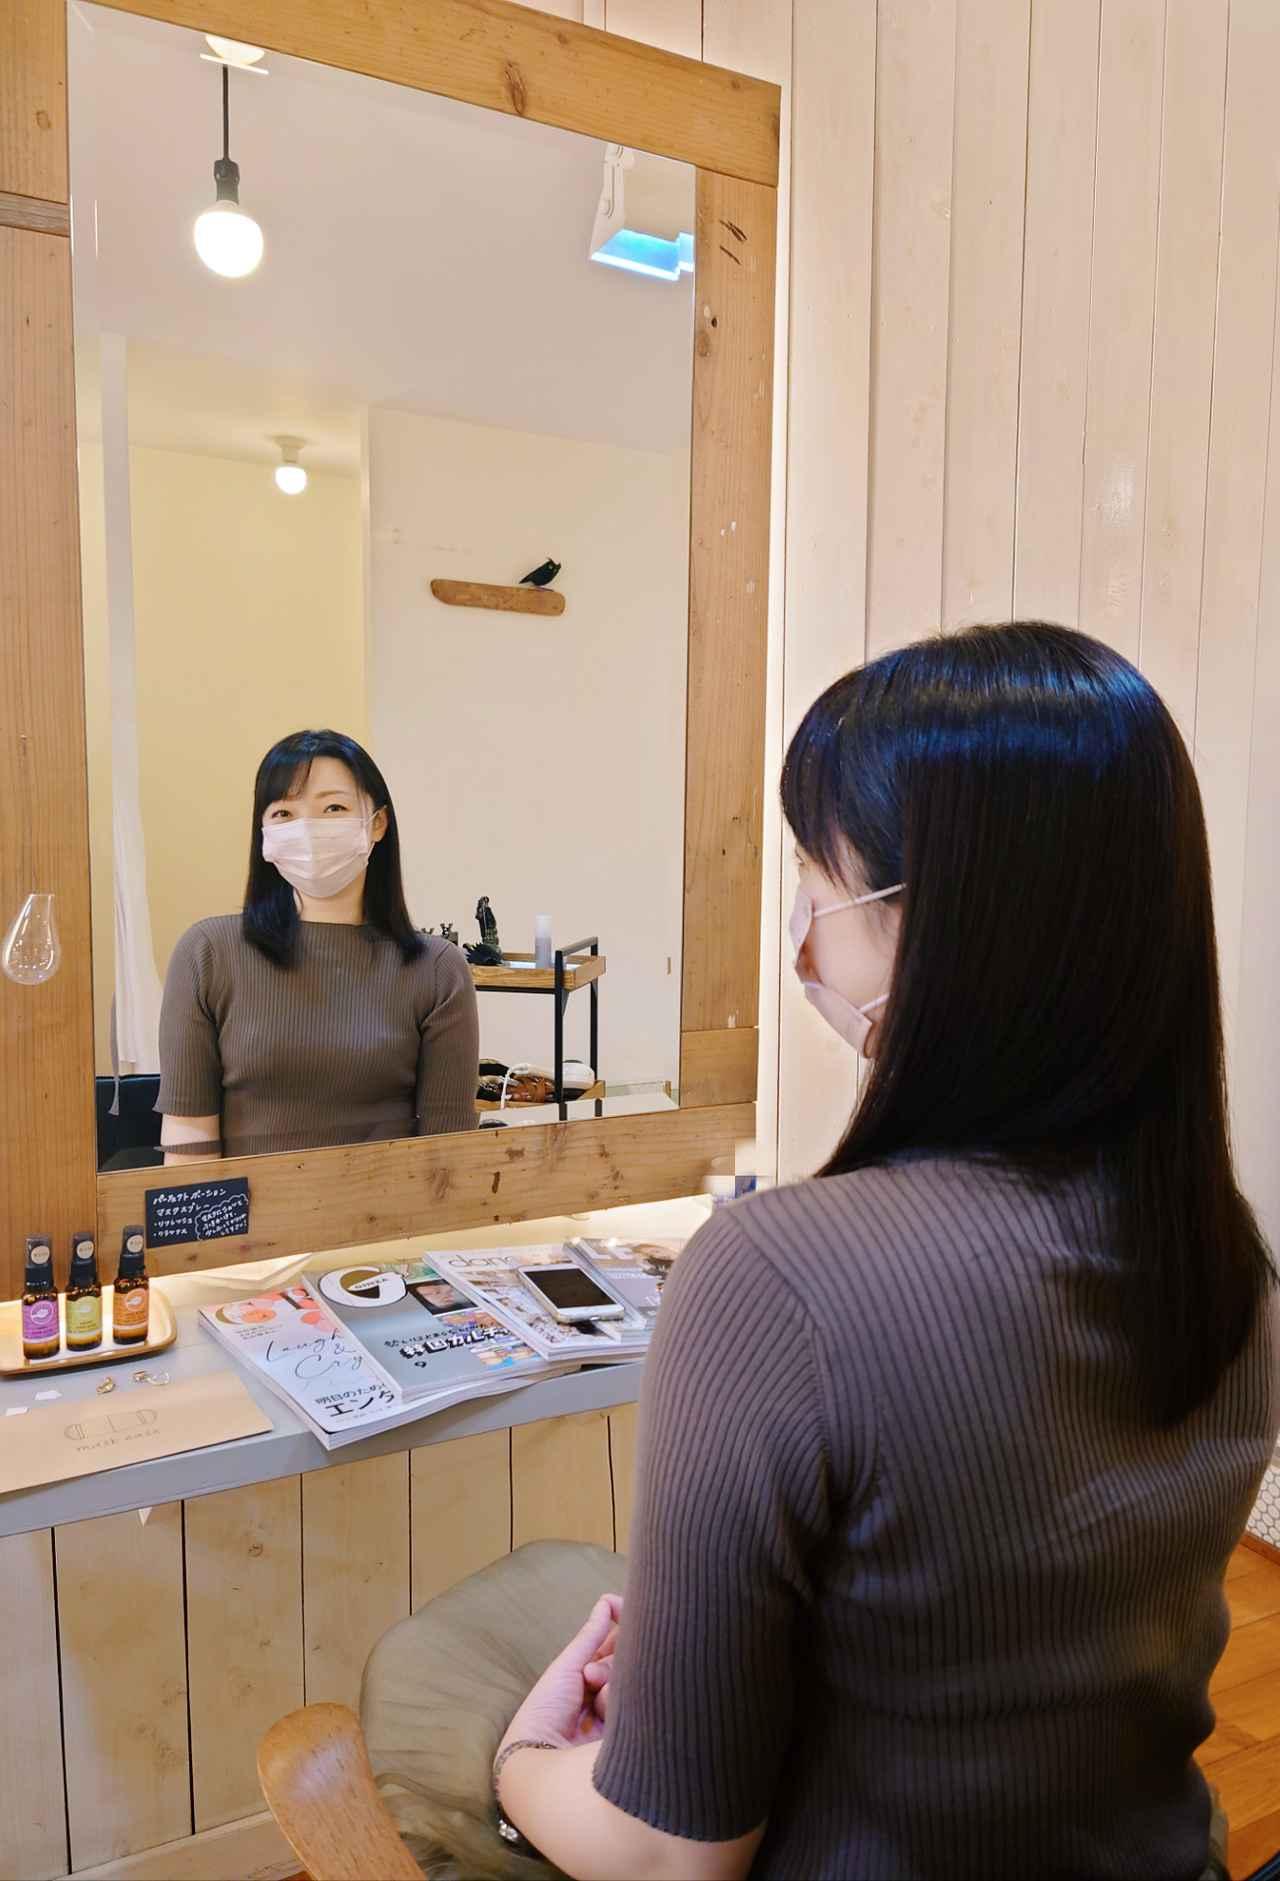 画像: 美容院でスッキリ整えてもらいました